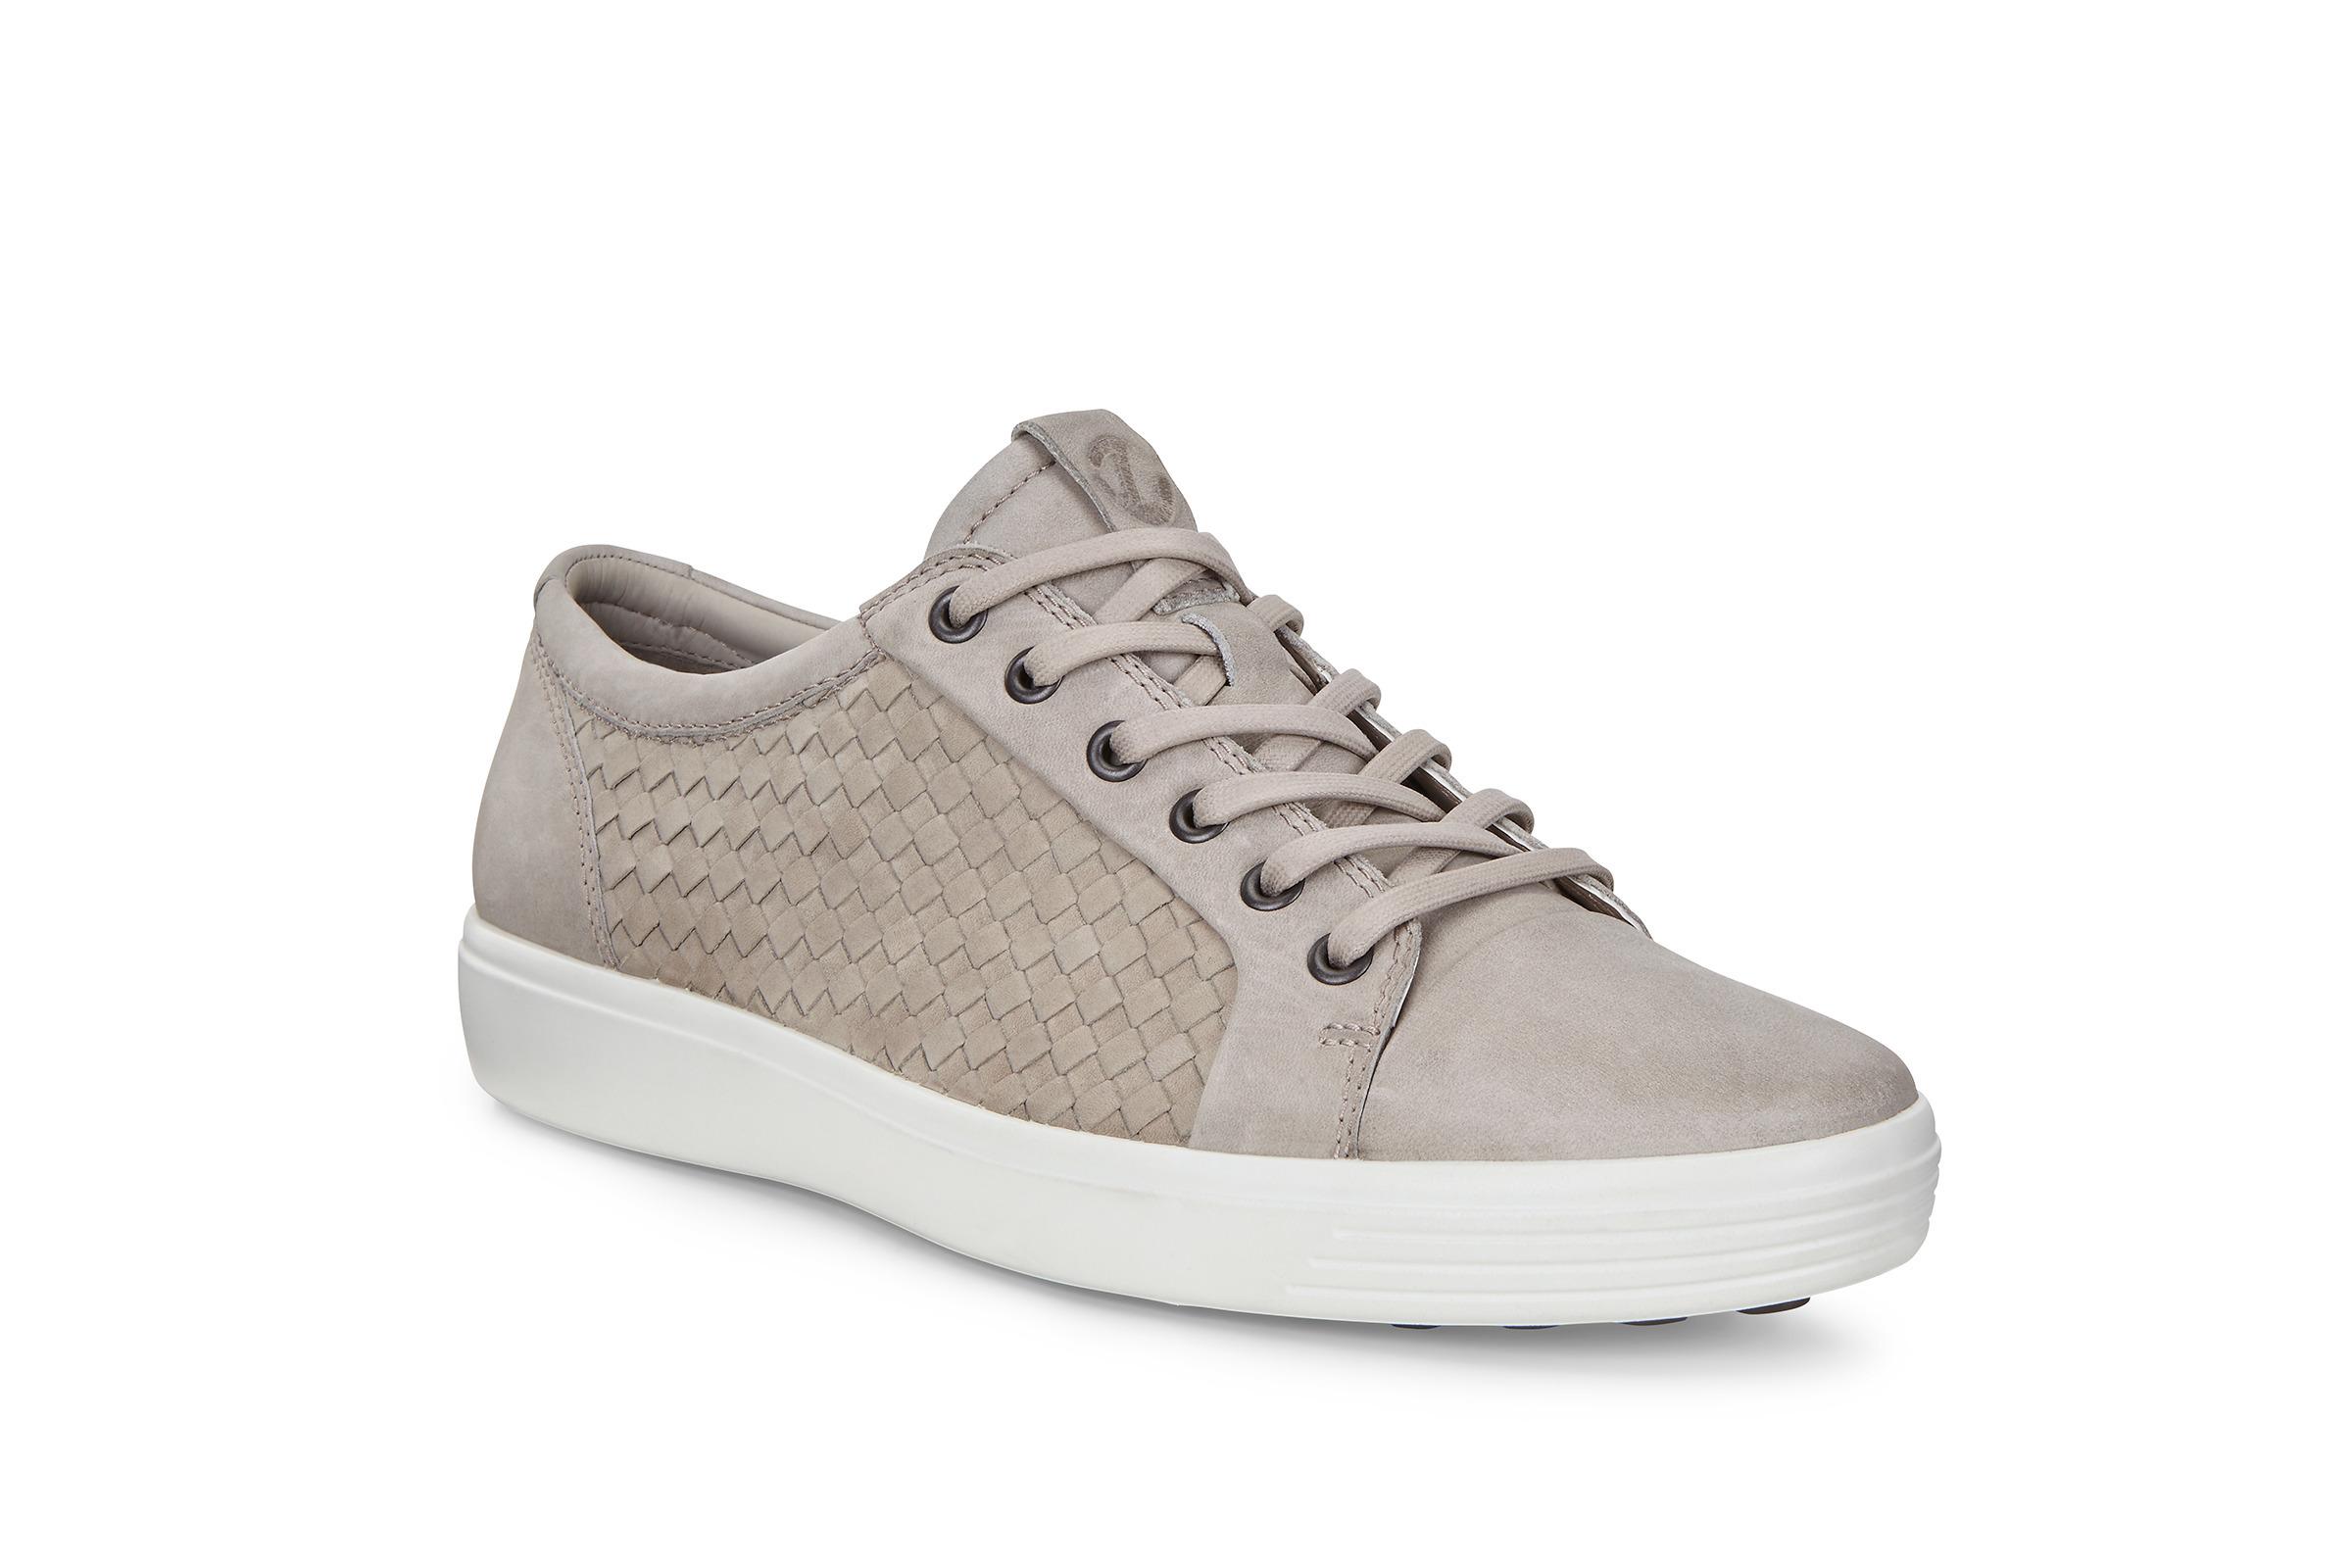 ECCO Soft 7 M Sneaker Size 12-12.5 Moon Rock